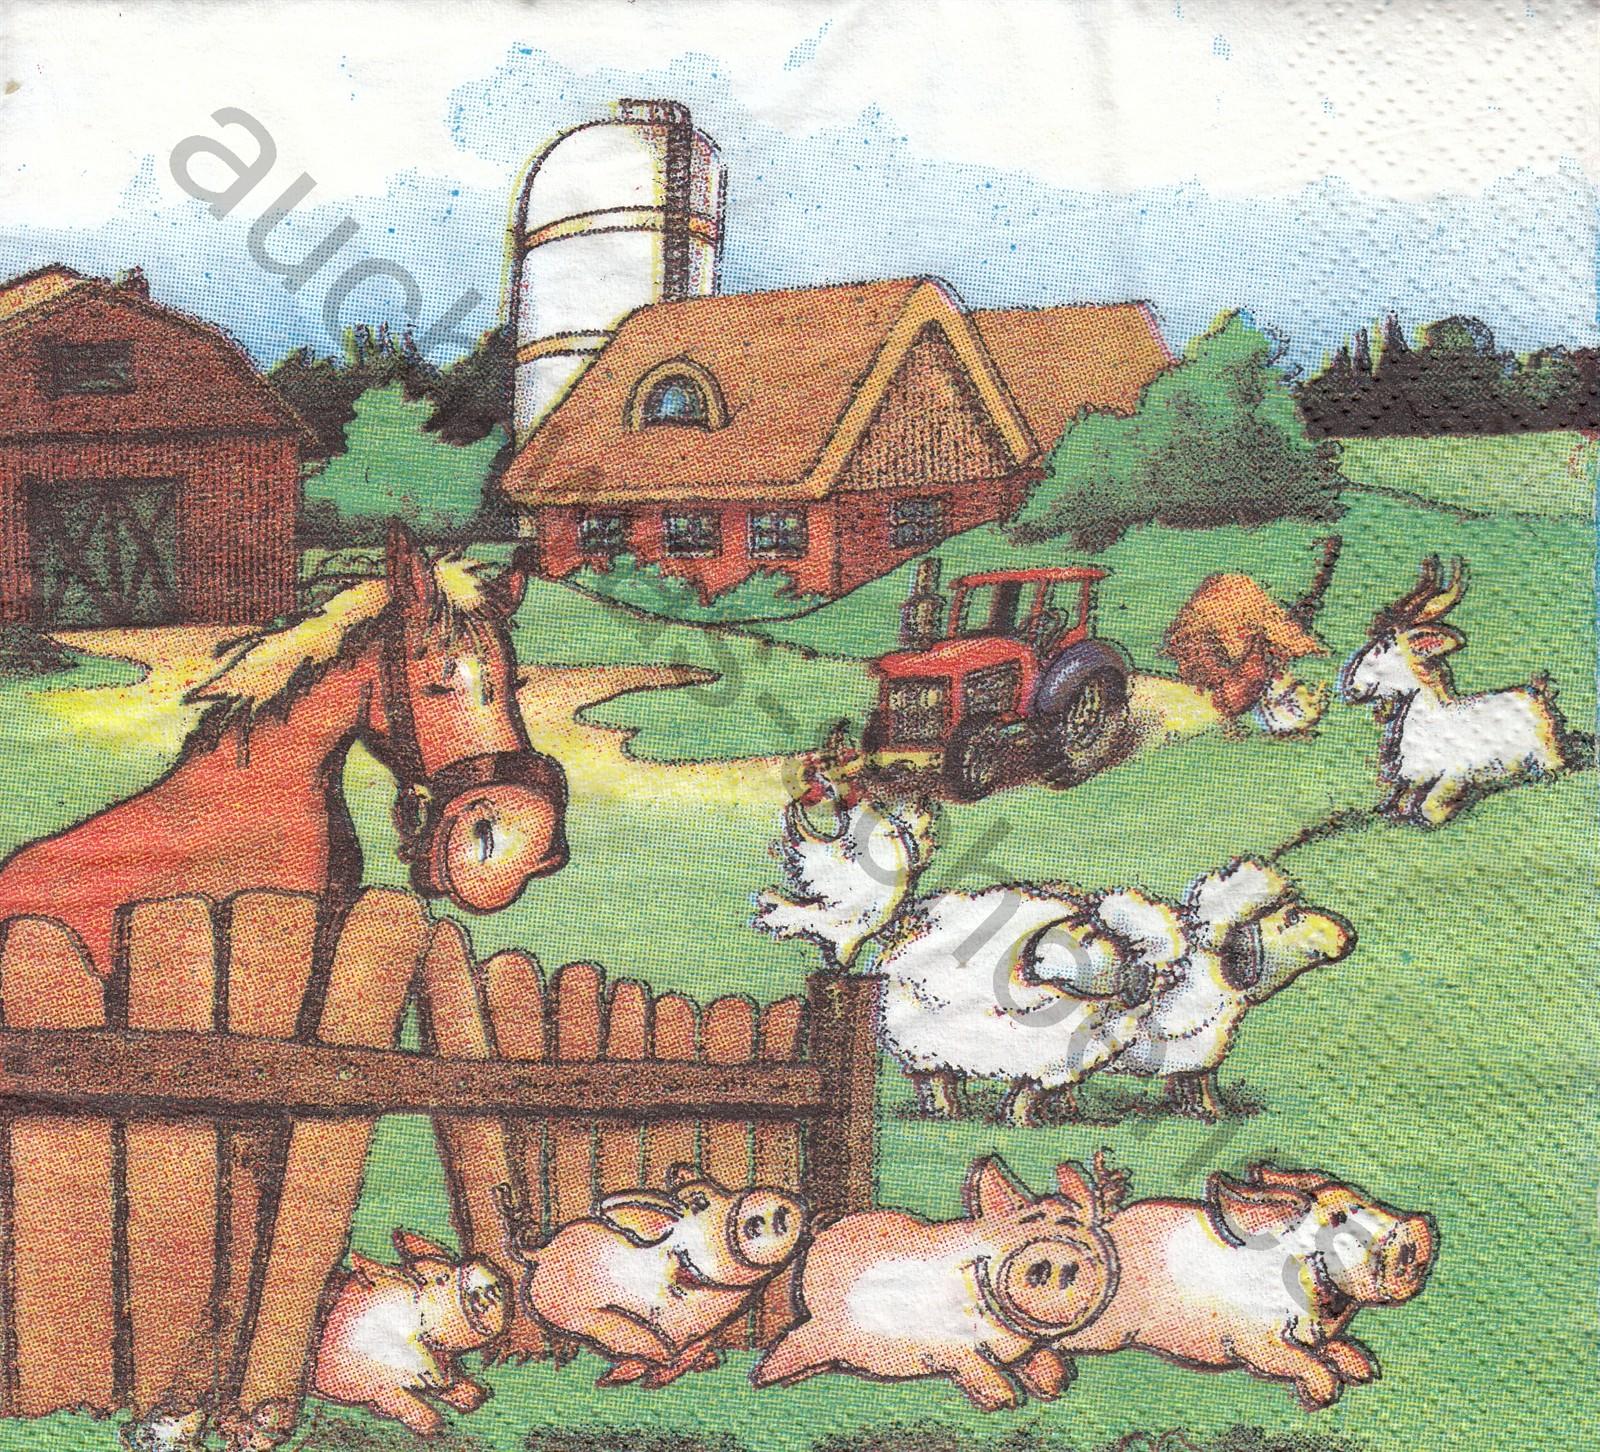 Servietten Basteln Sammeln Bauernhof Katze Schweine